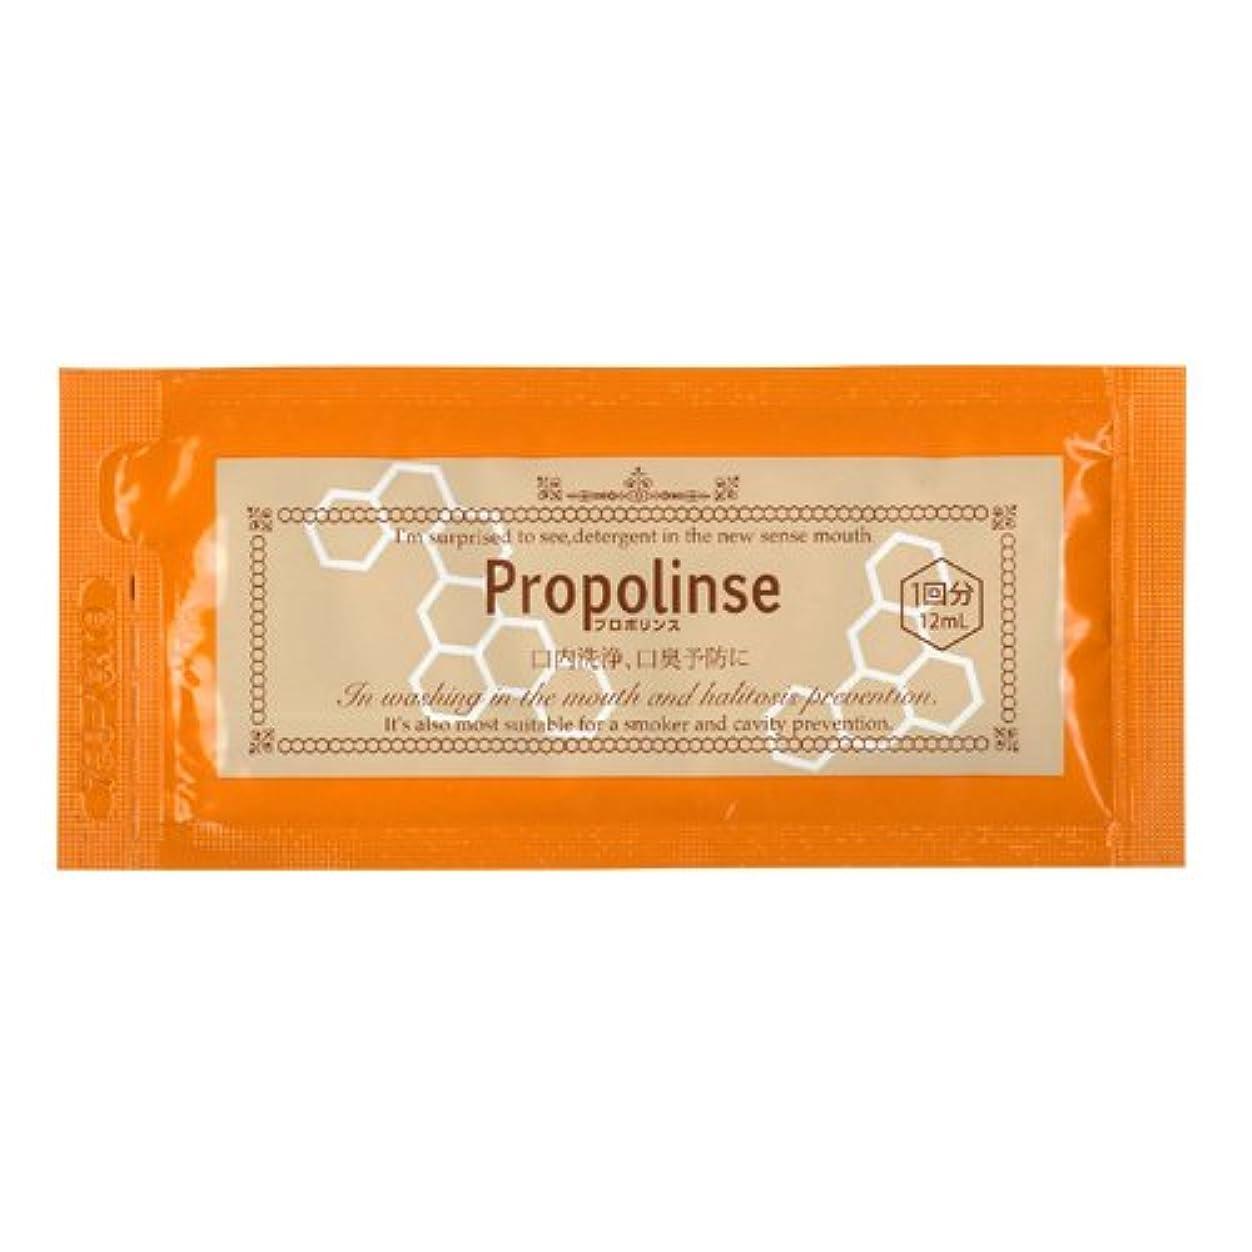 差別的最小化する解明するプロポリンス ハンディパウチ 12ml(1袋)×100袋